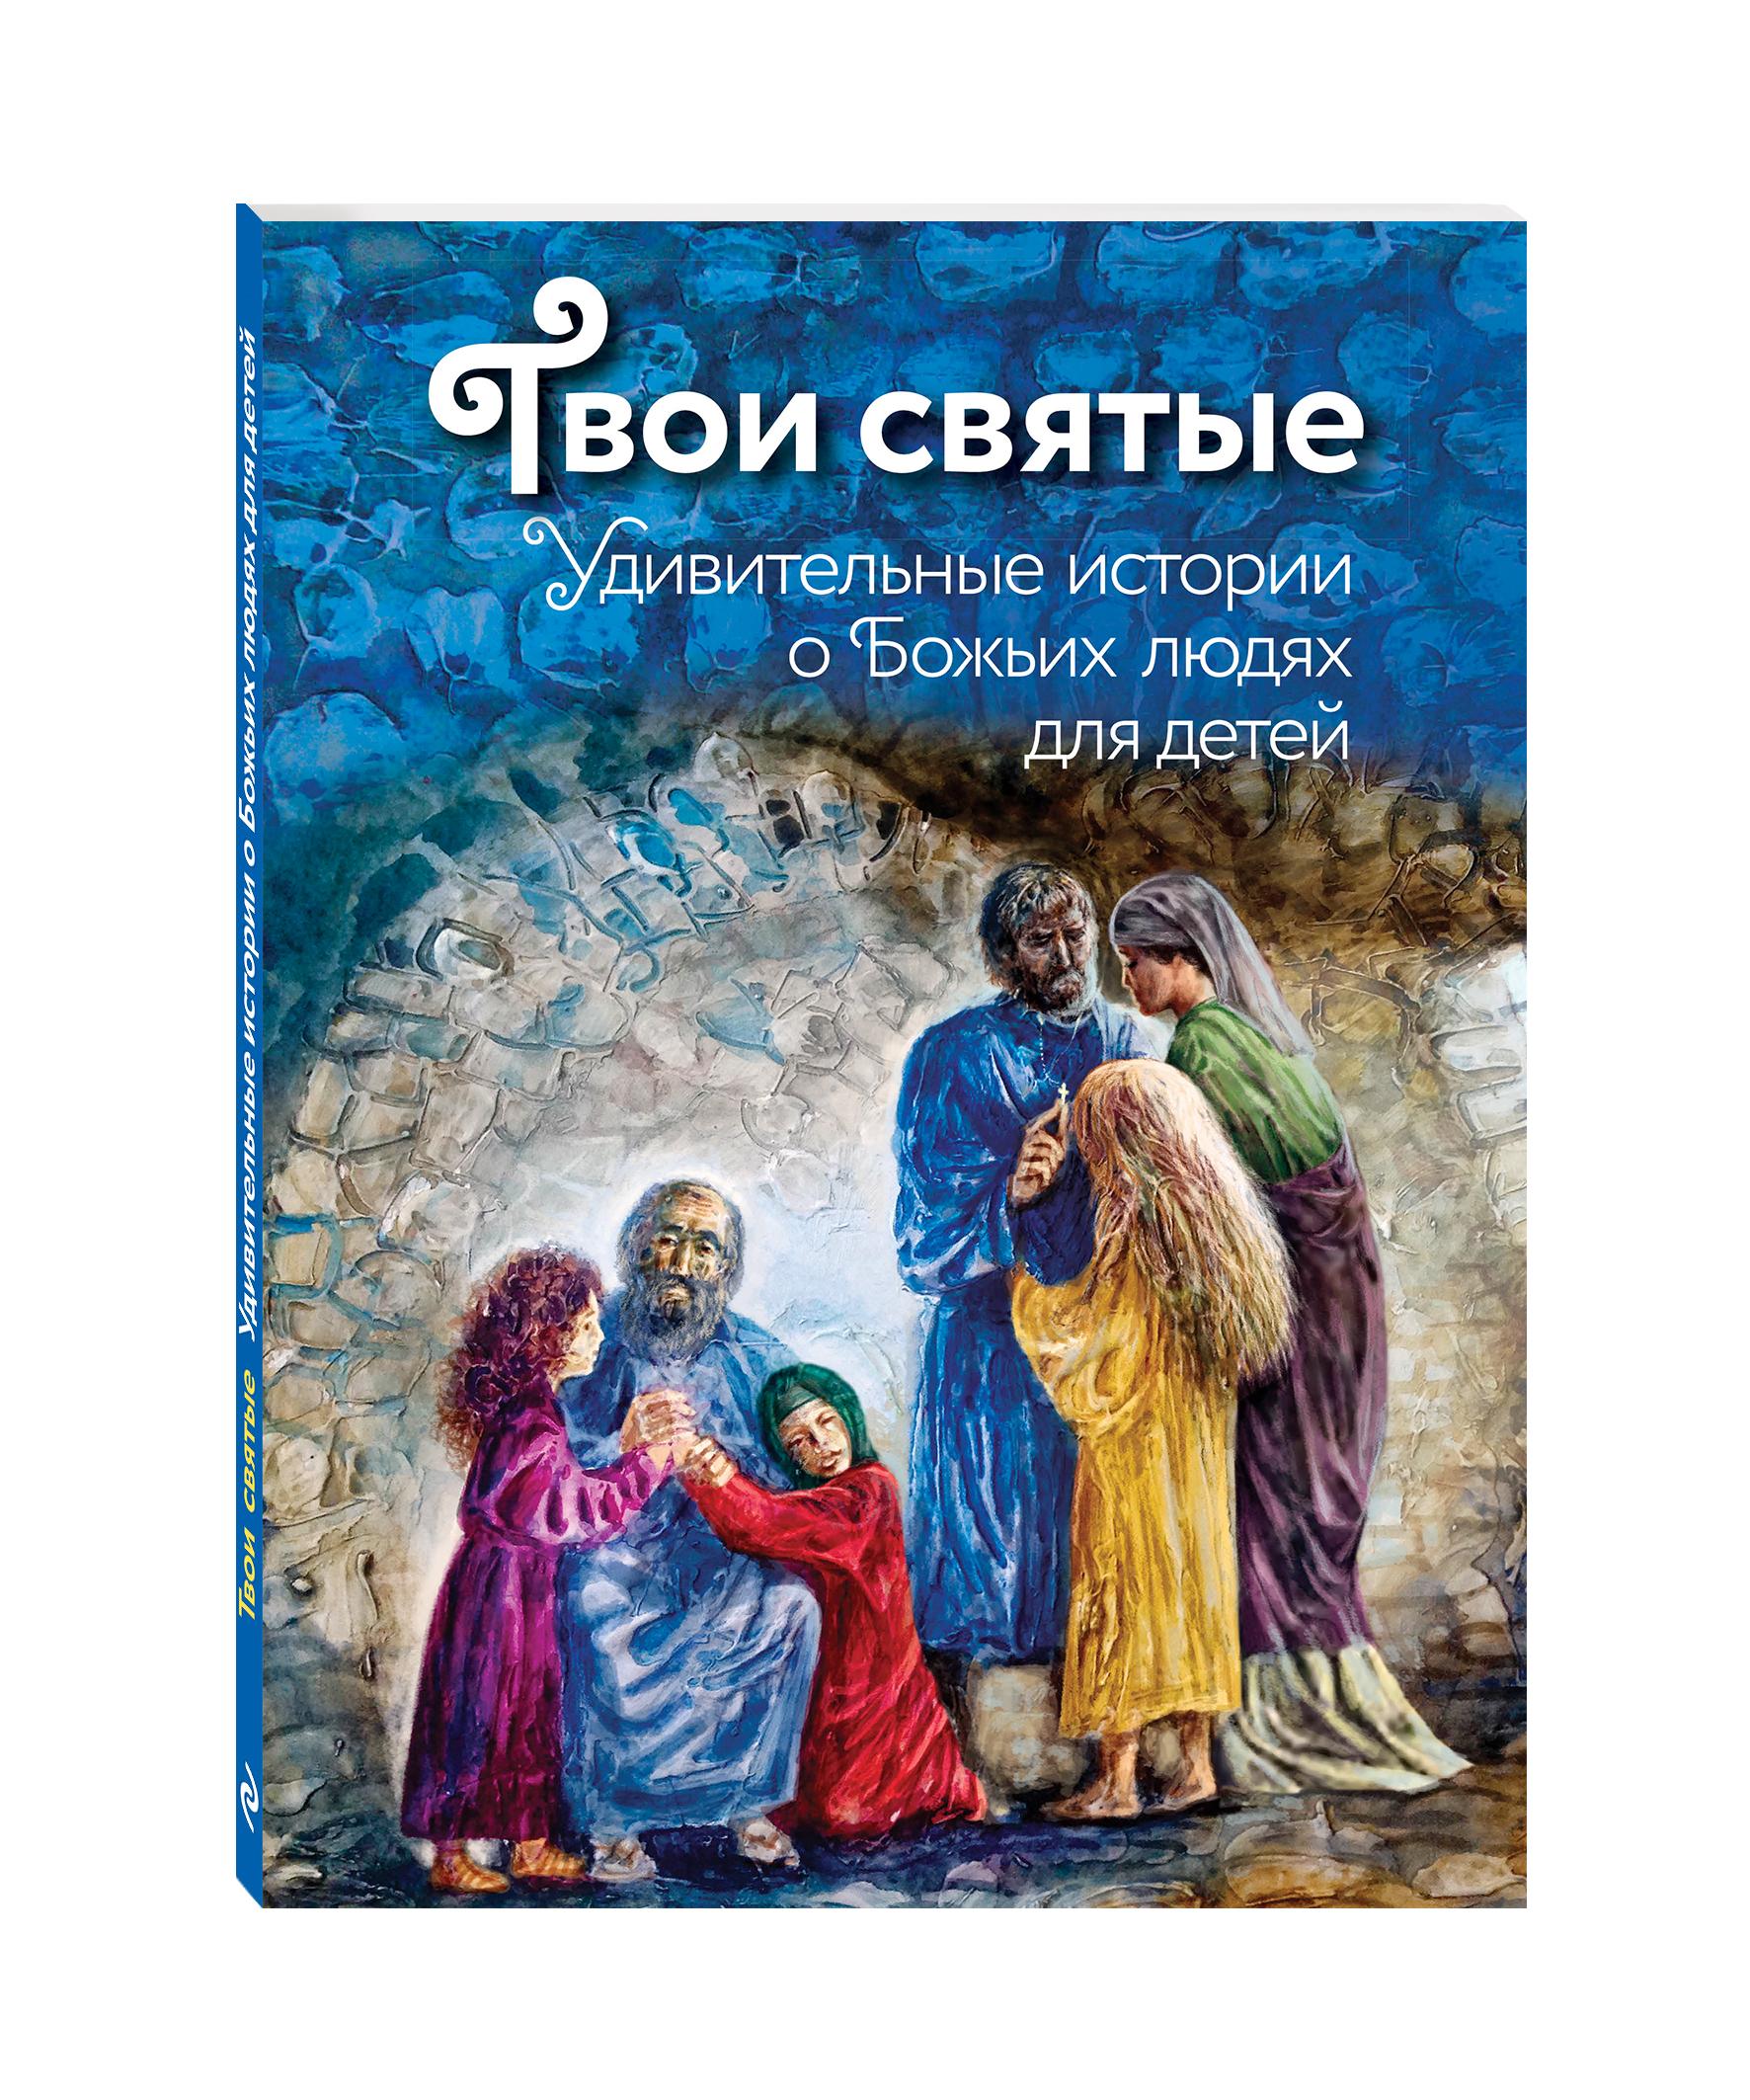 Екатерина Щеголева Твои святые: Удивительные истории о Божьих людях